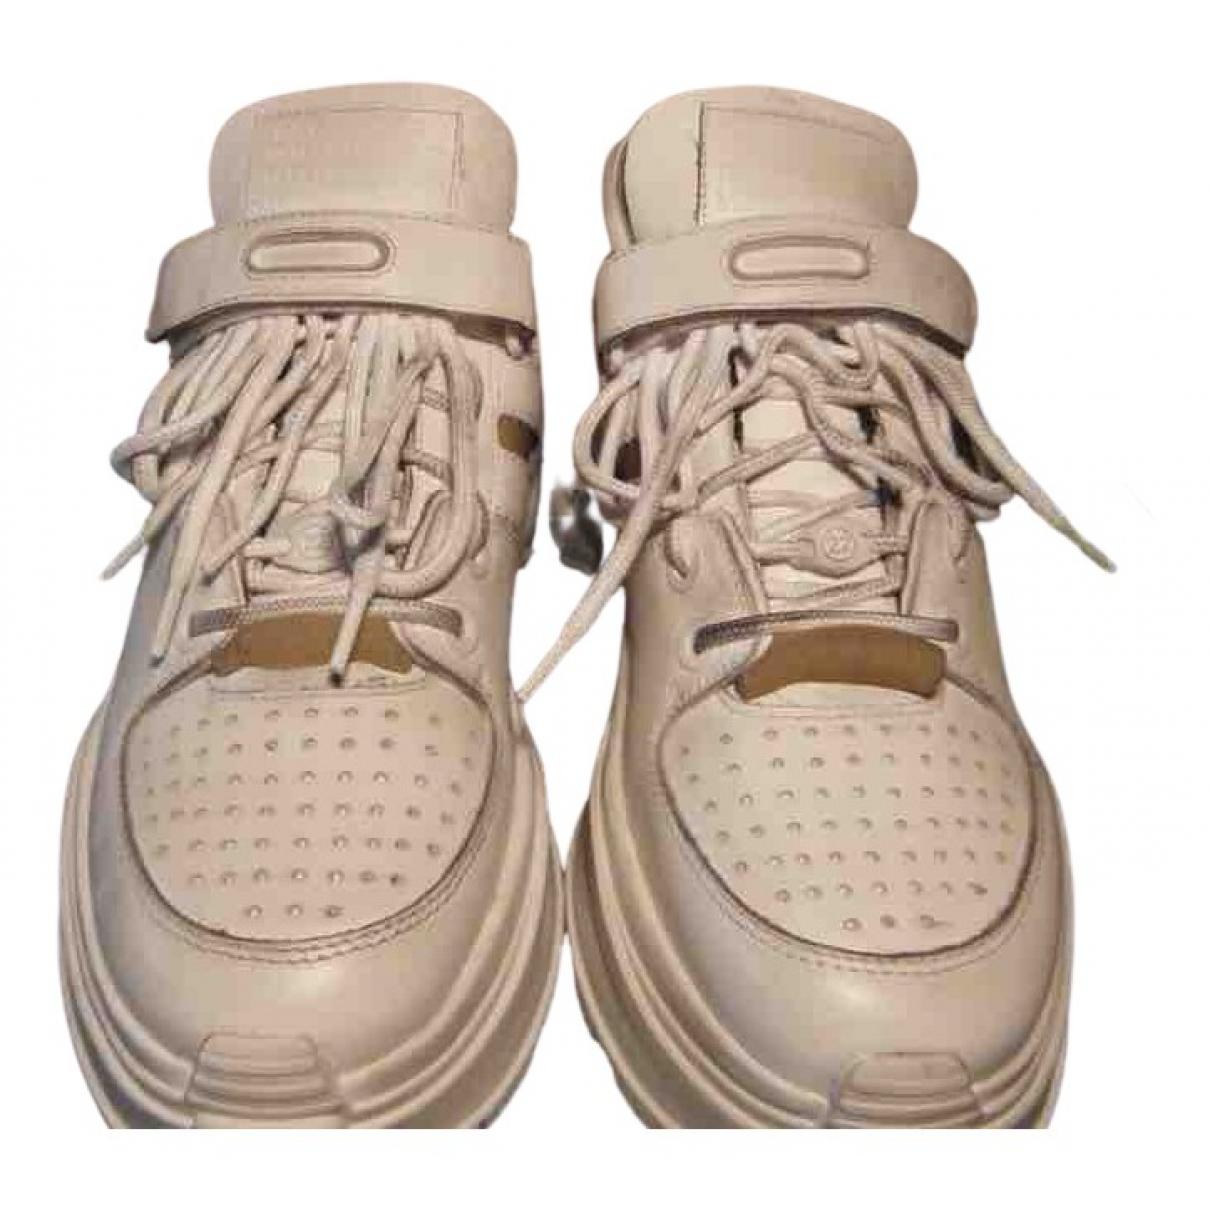 Maison Martin Margiela - Baskets   pour femme en cuir - blanc